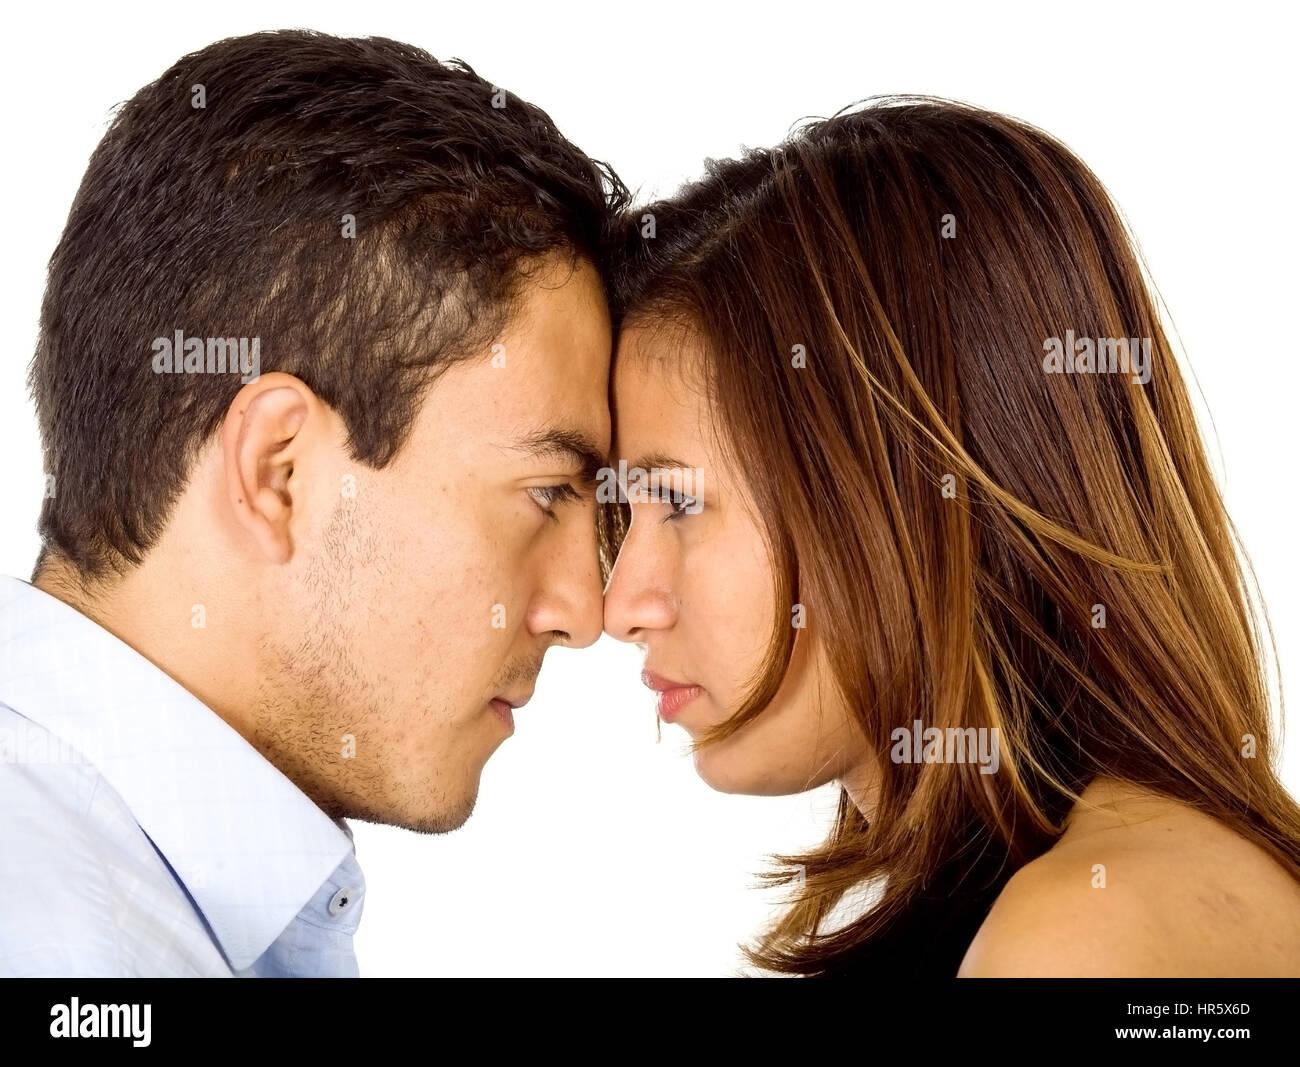 Dating-Streit